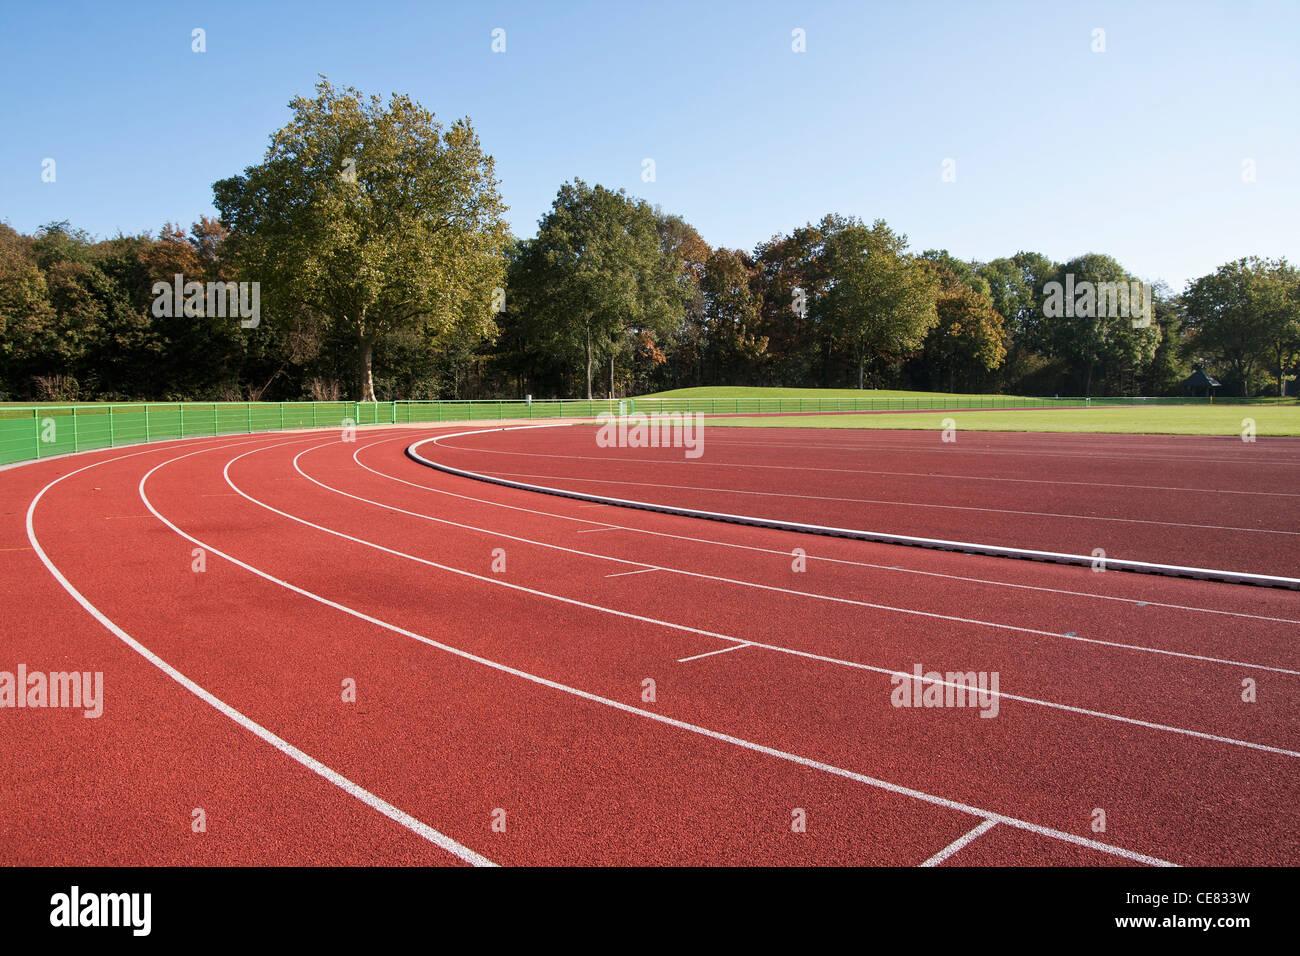 Pista de Atletismo líneas en un día soleado Imagen De Stock